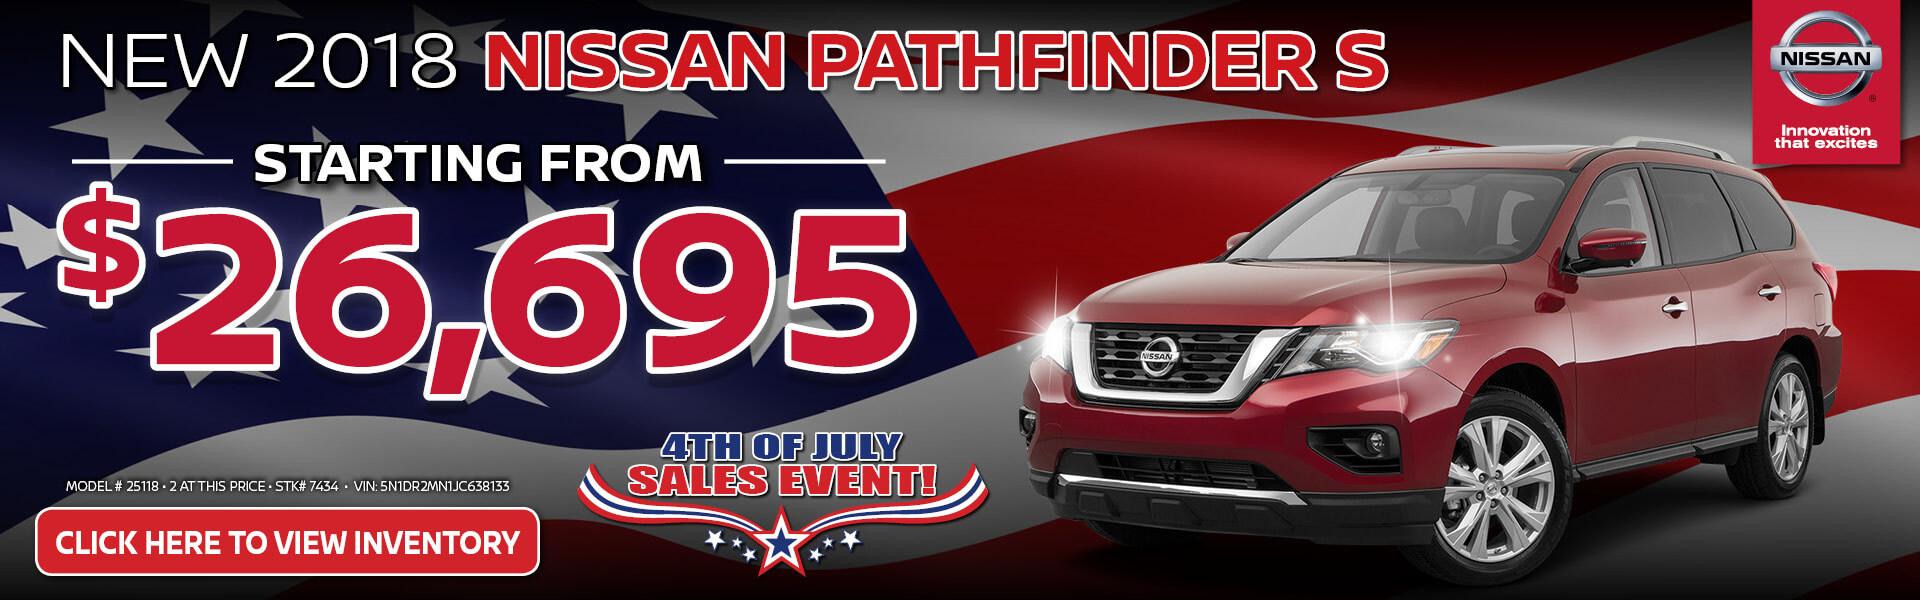 Nissan Pathfinder $26,695 Purchase